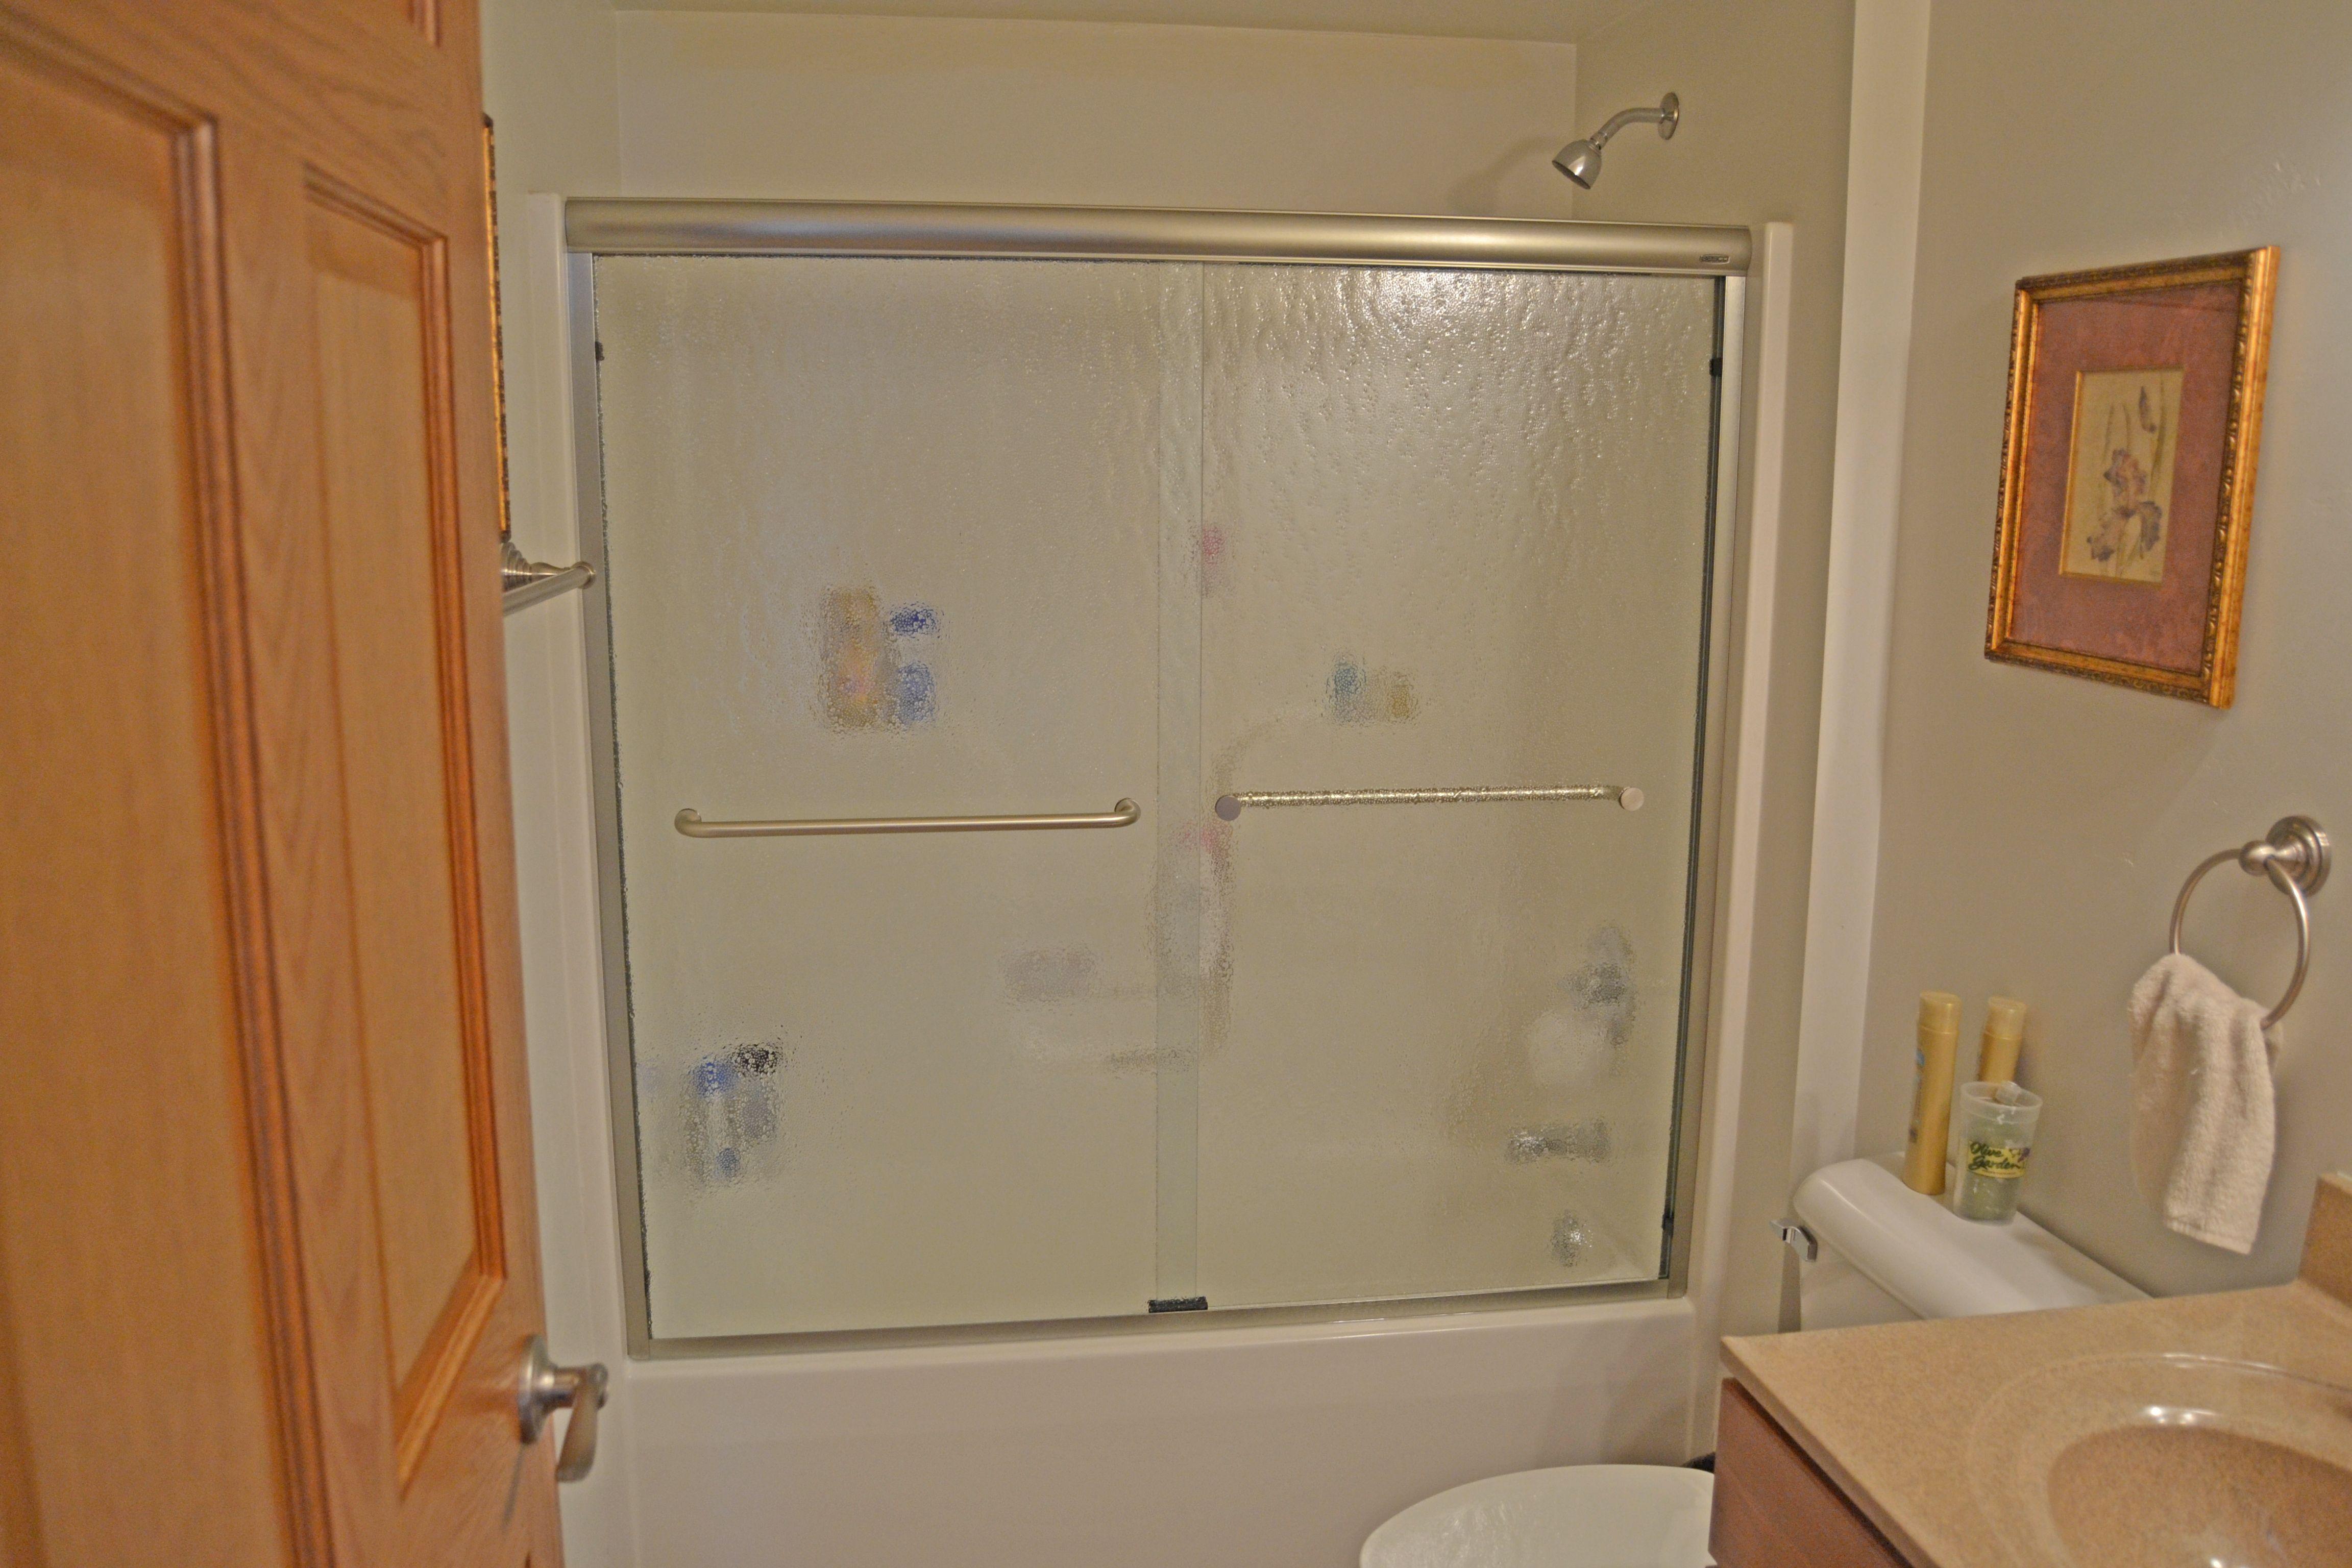 Basco Frameless Sliding Shower Doors On A Tub With Vessence Glass